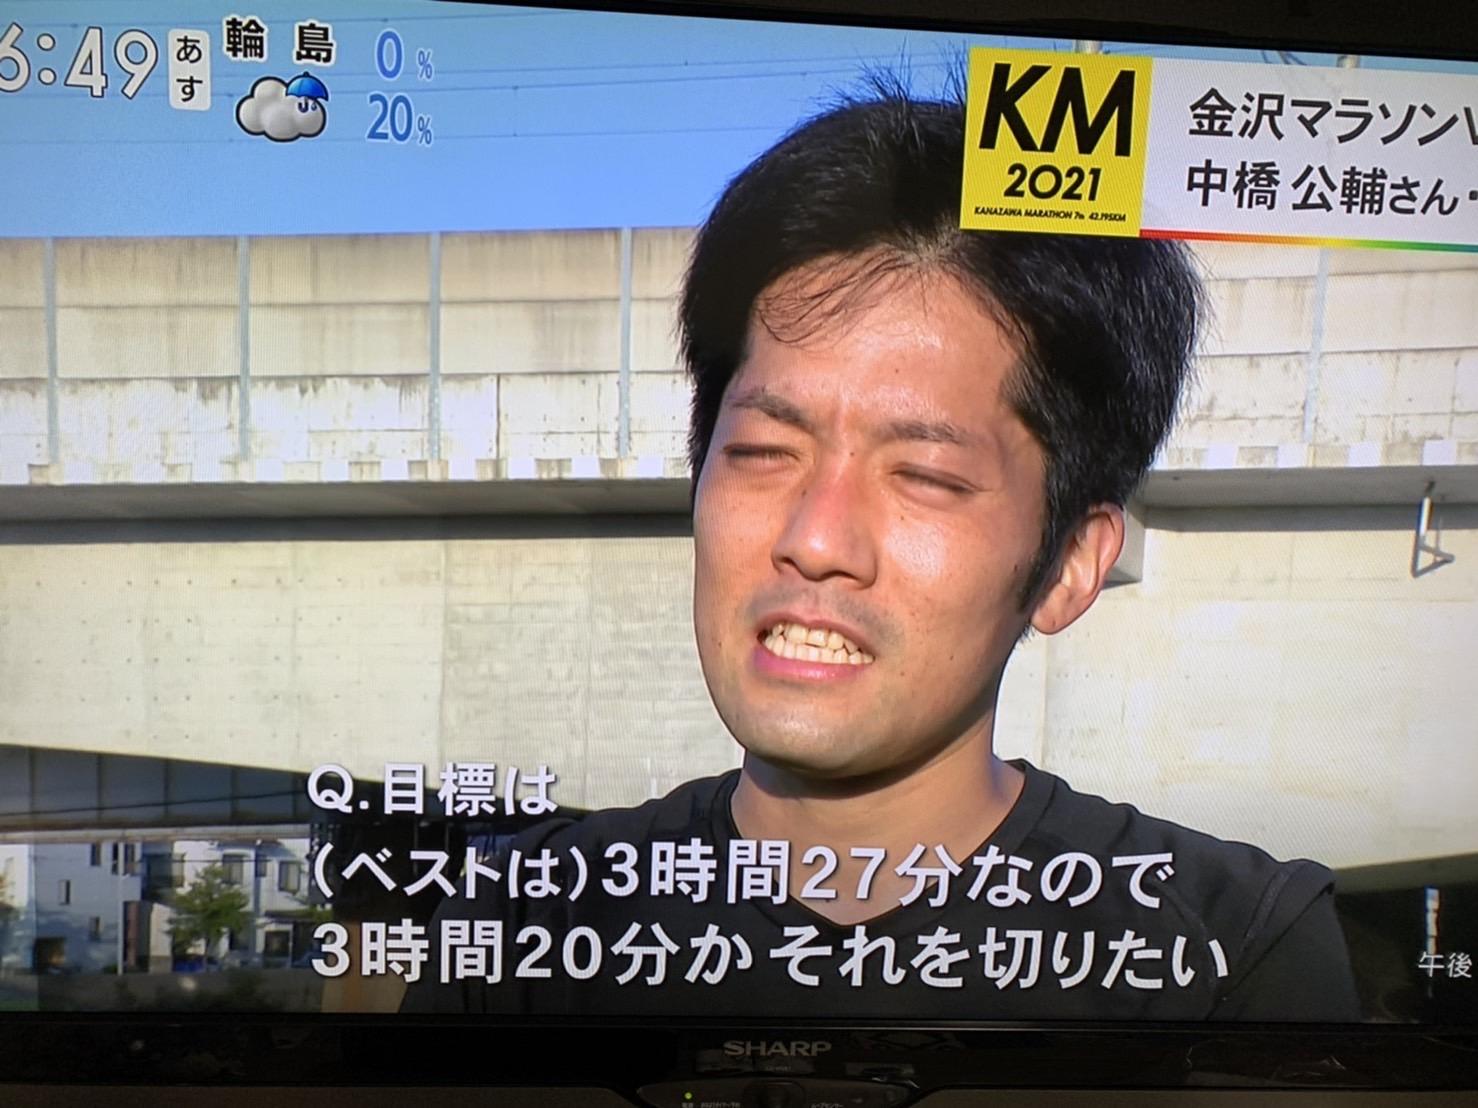 金沢マラソン走ります🔥